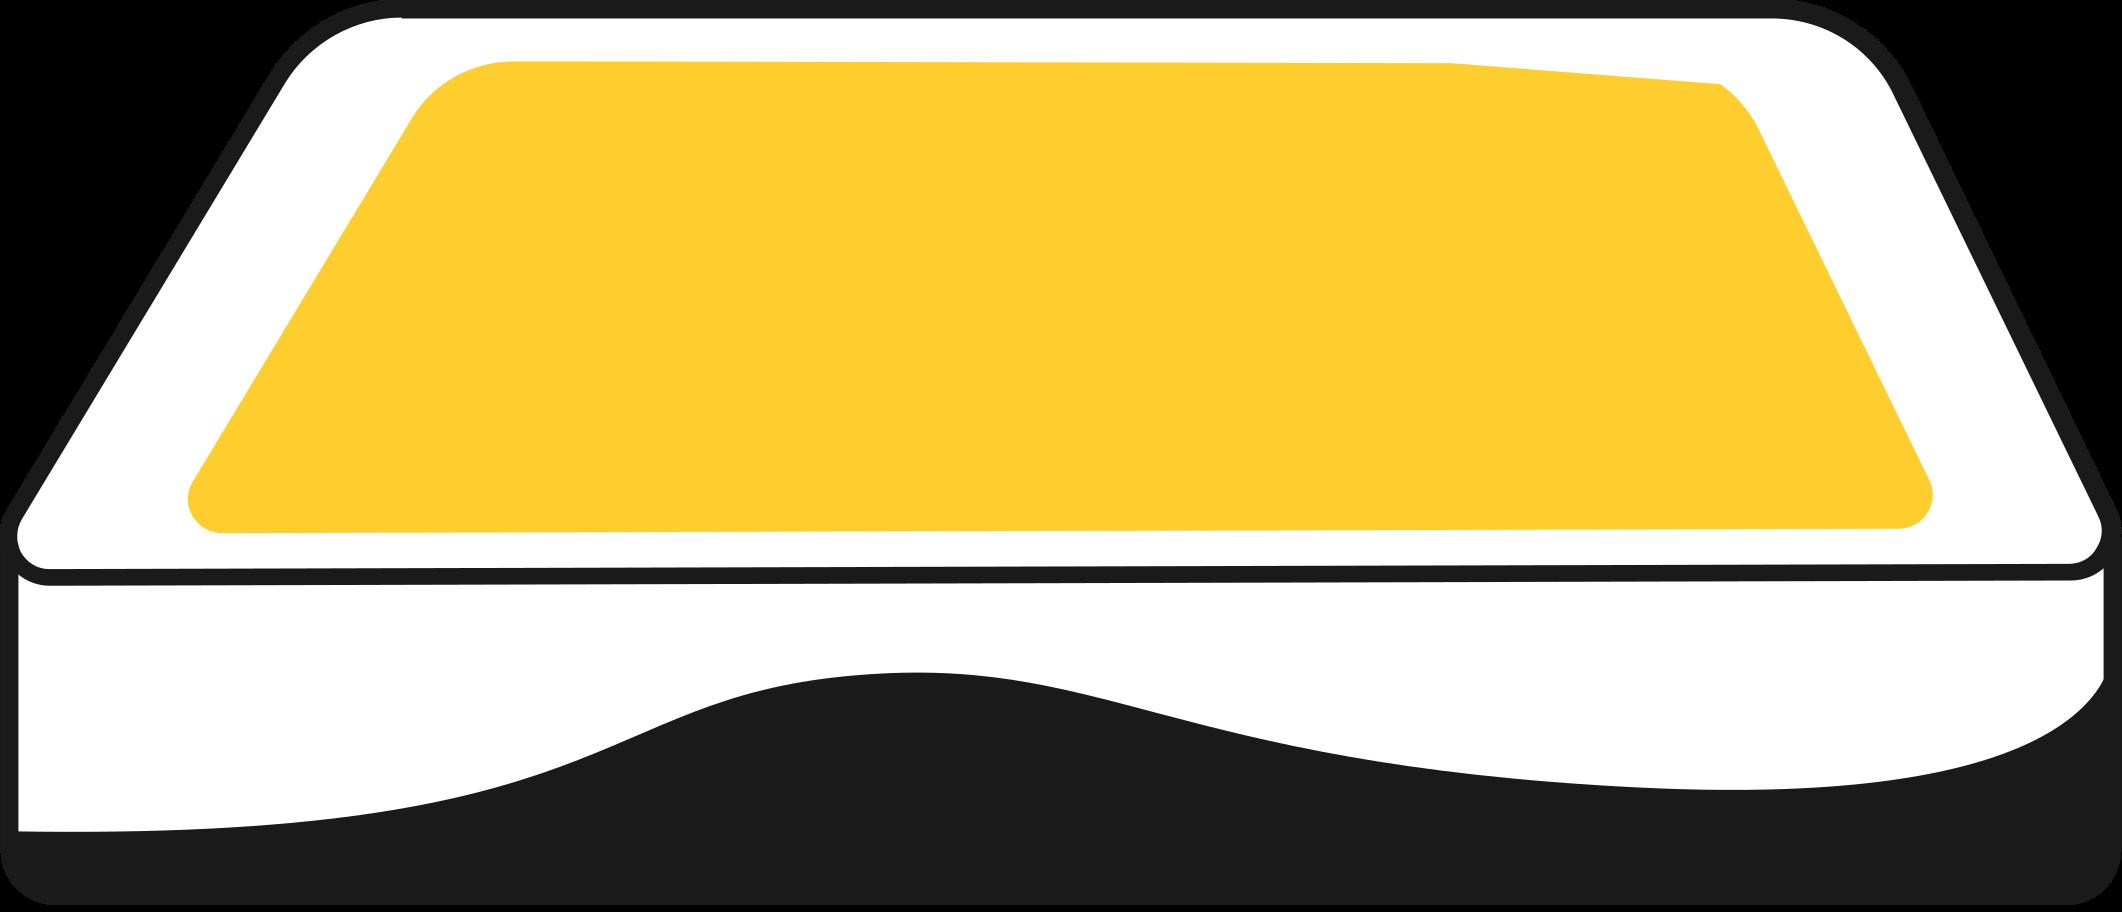 PNGとSVGの  スタイルの 子テーブルトップ ベクターイメージ | Icons8 イラスト